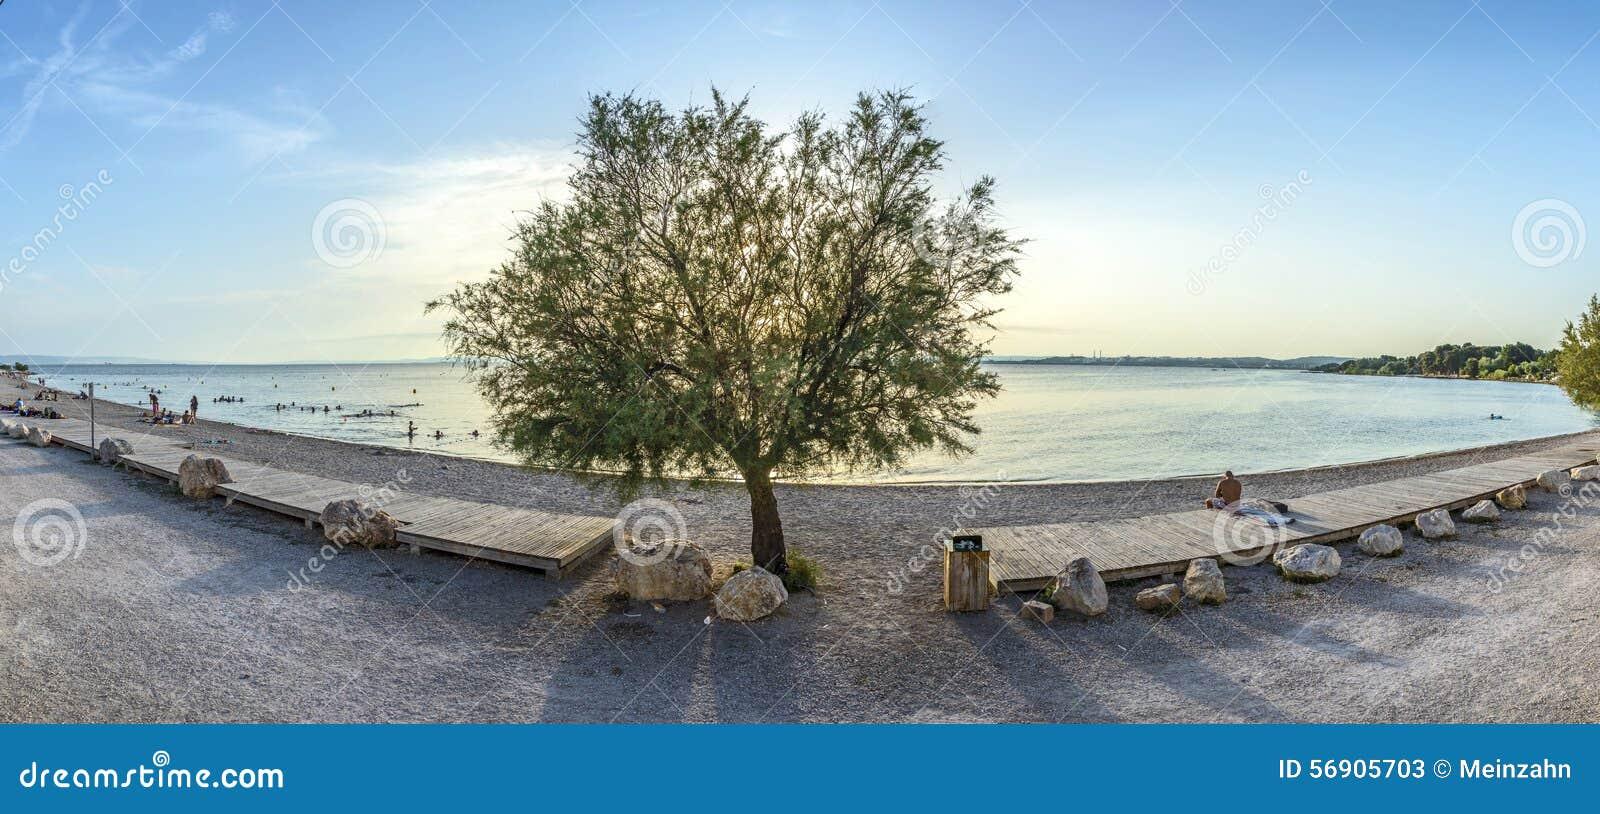 Οι άνθρωποι απολαμβάνουν το βράδυ στην παραλία Rognac κοντά στη Μασσαλία, Fra